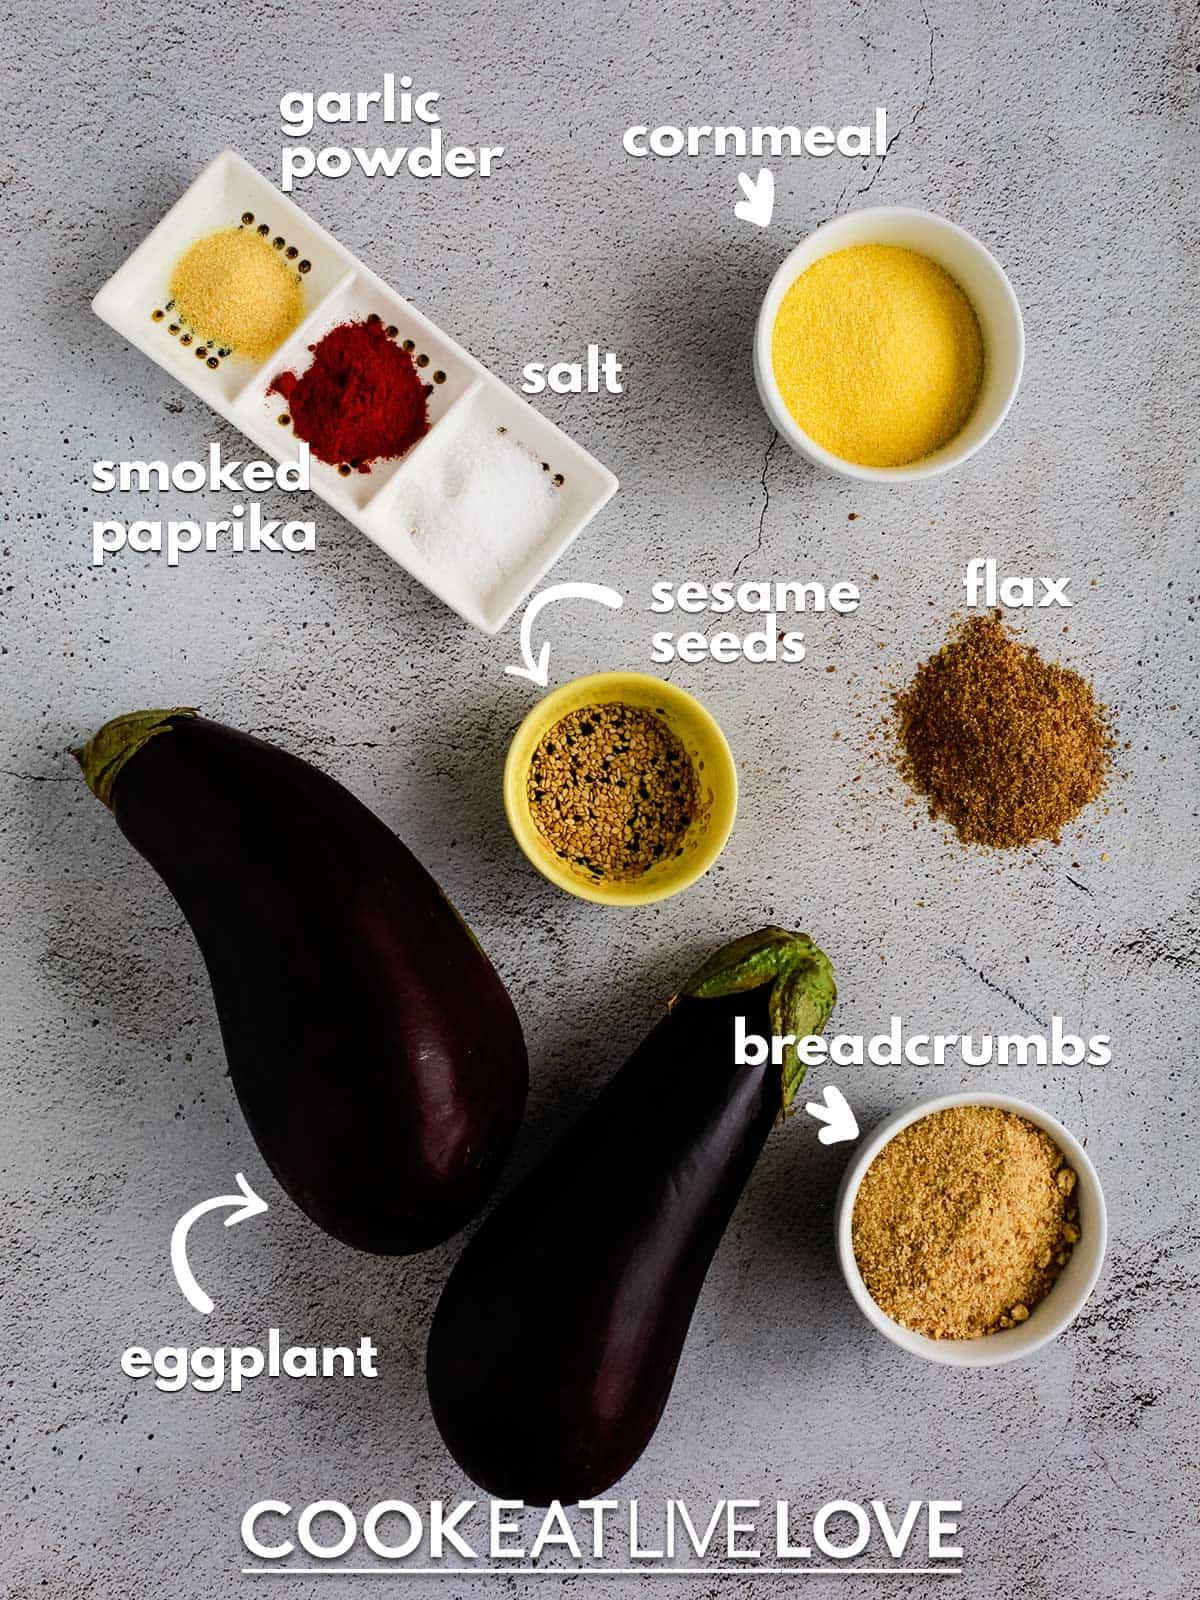 Ingredients to make eggplant steaks